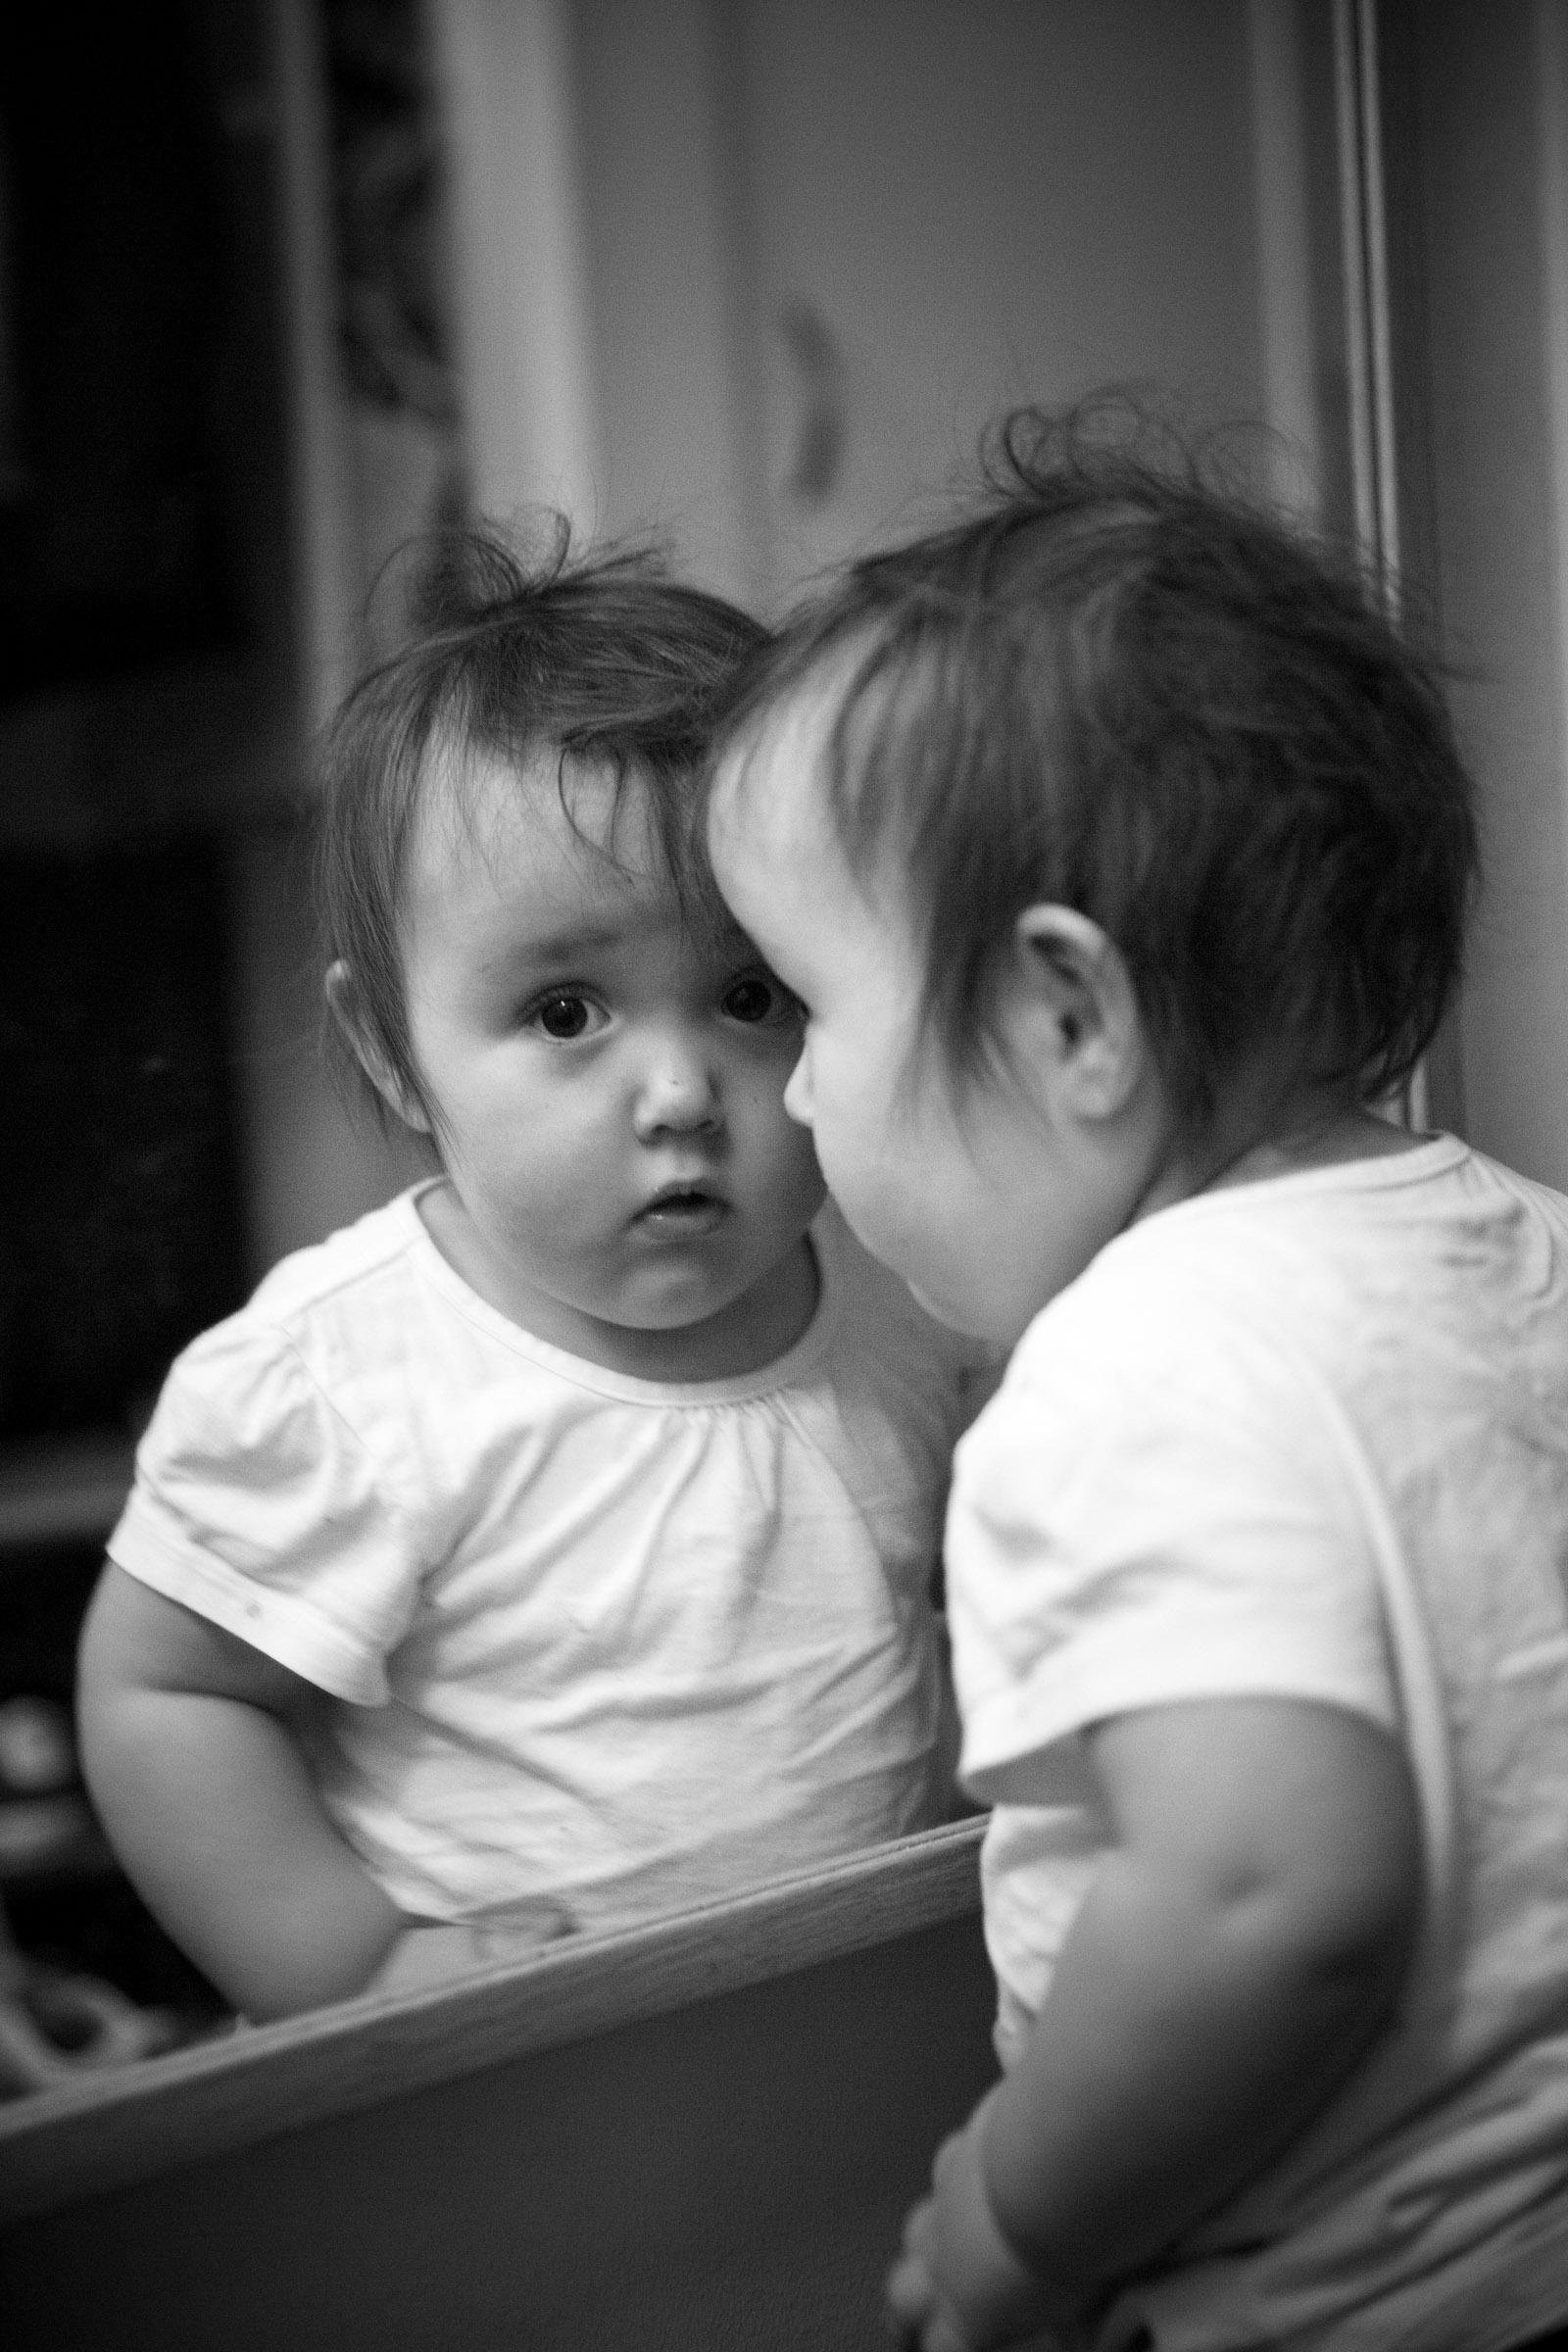 barn-som-tittar-i-spegel